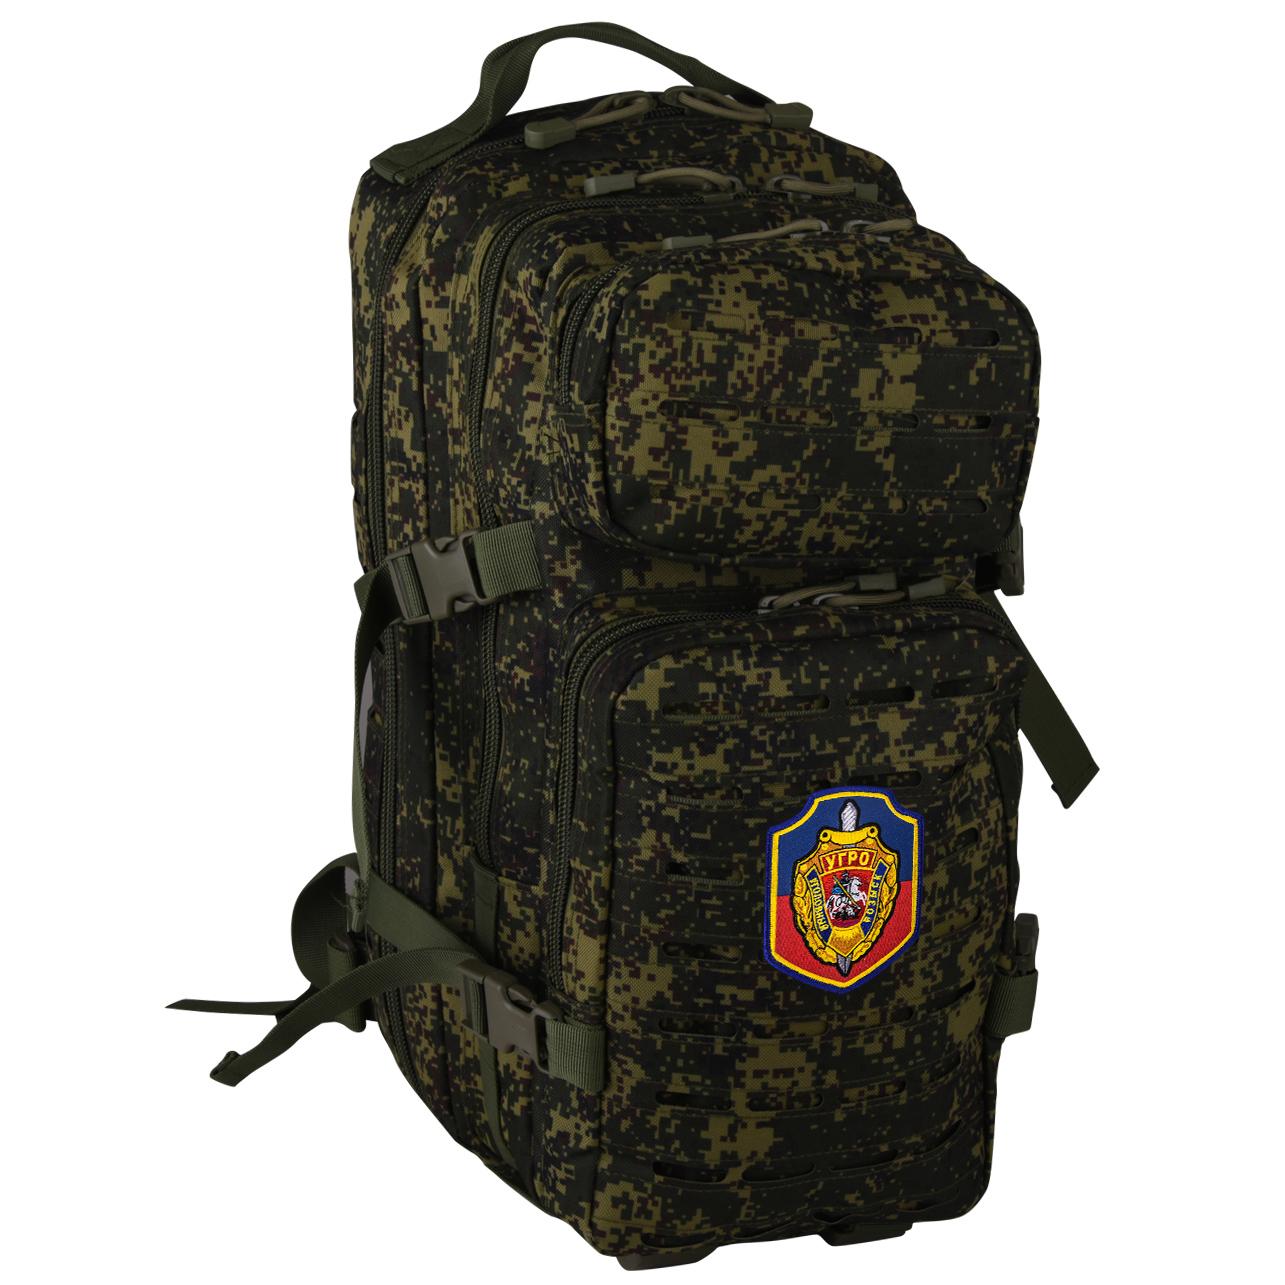 Модульный тактический рюкзак с нашивкой УГРО - купить онлайн